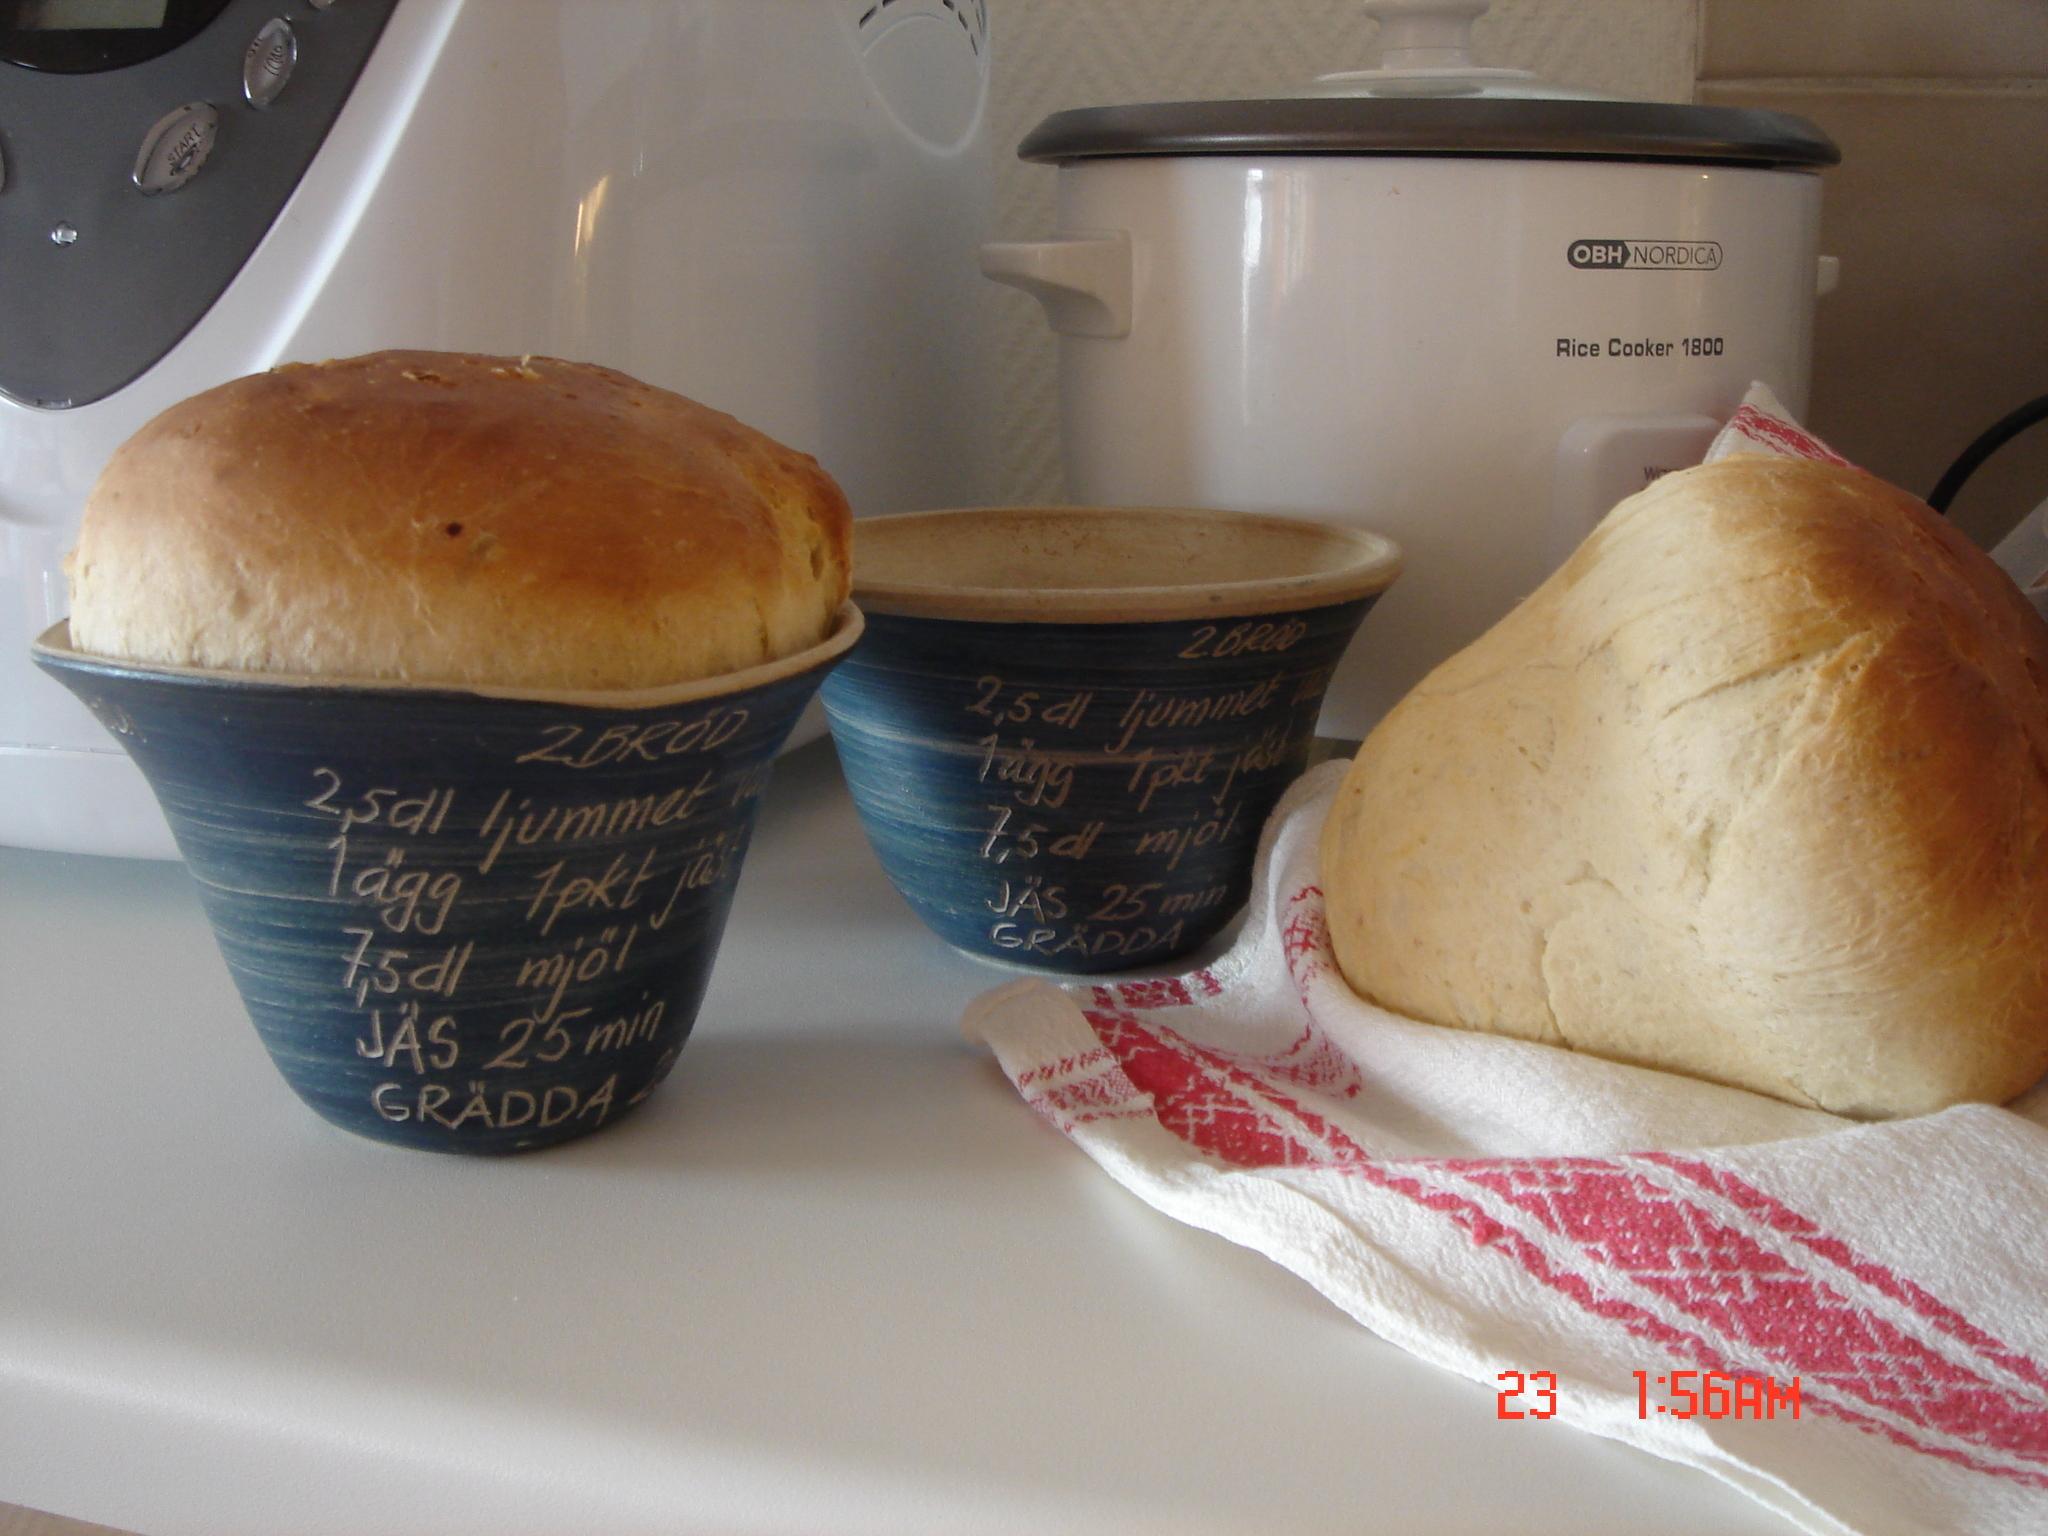 2 Bröd gräddad i kruka